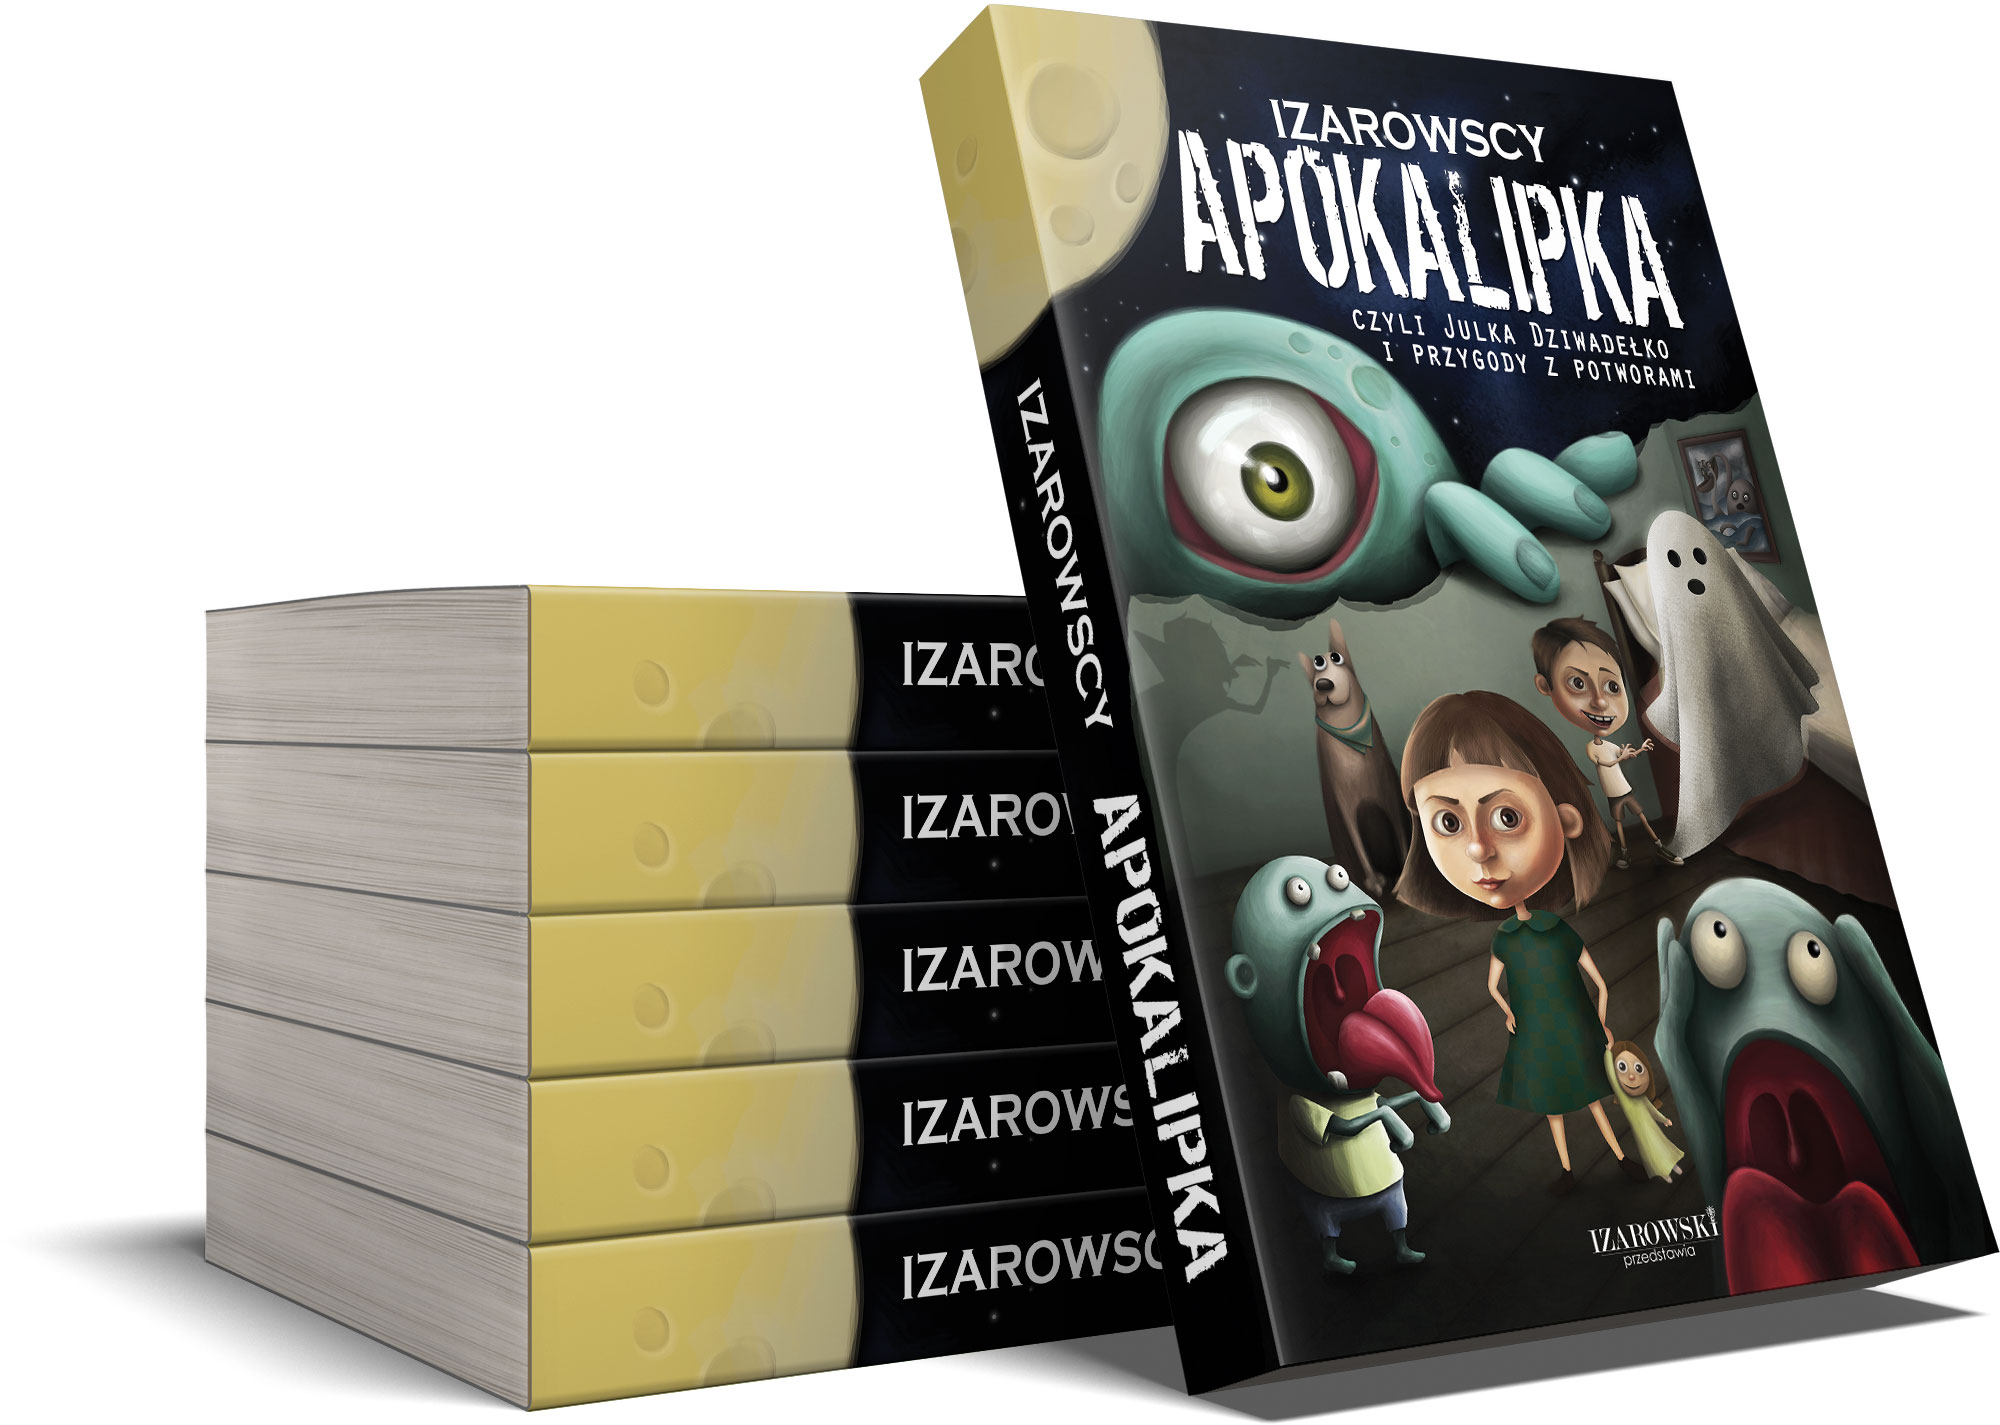 horror dla dzieci książka z dziewczynką na okładce, wokół zombiaki, wampir, klimat postapo